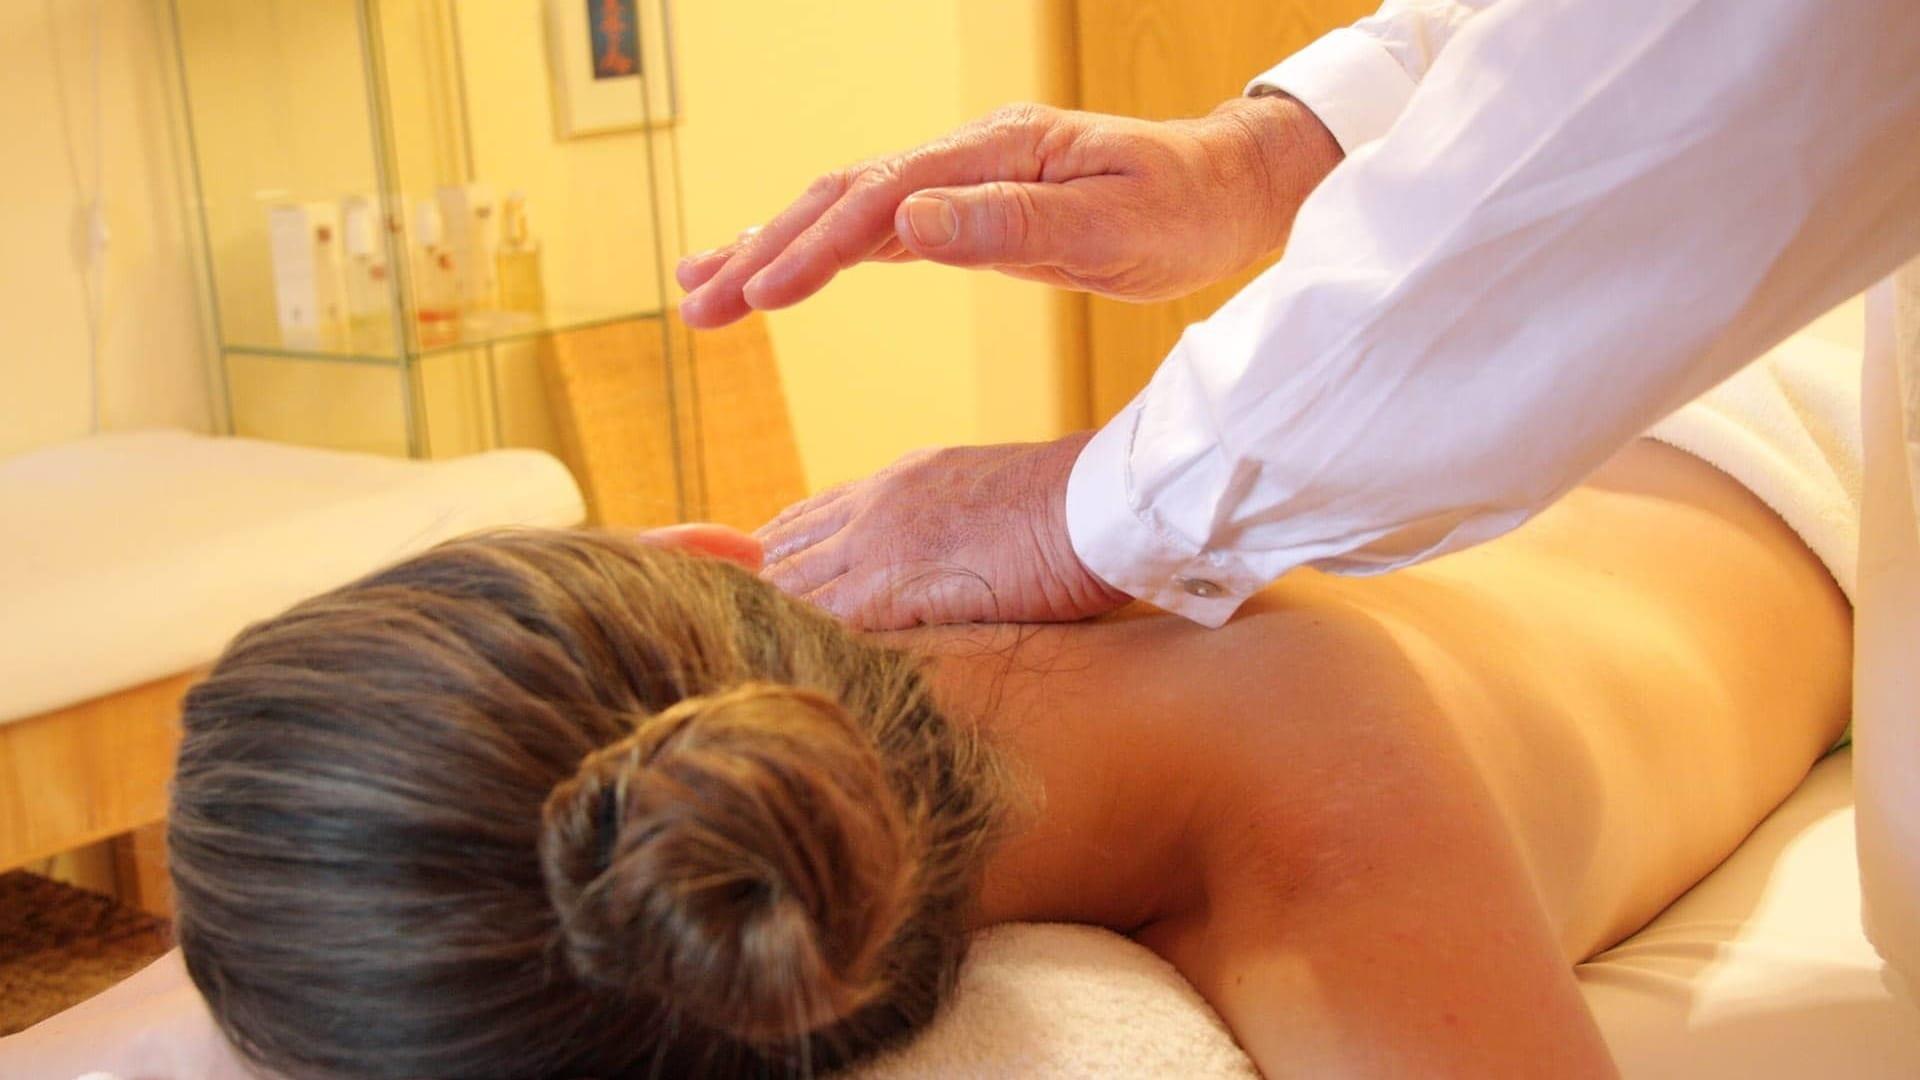 Studio Massaggio Shiro Su Lettino Con Materasso Ad Acqua Calda.I Migliori 34 Massaggiatori A Legnago Con Preventivi Gratuiti